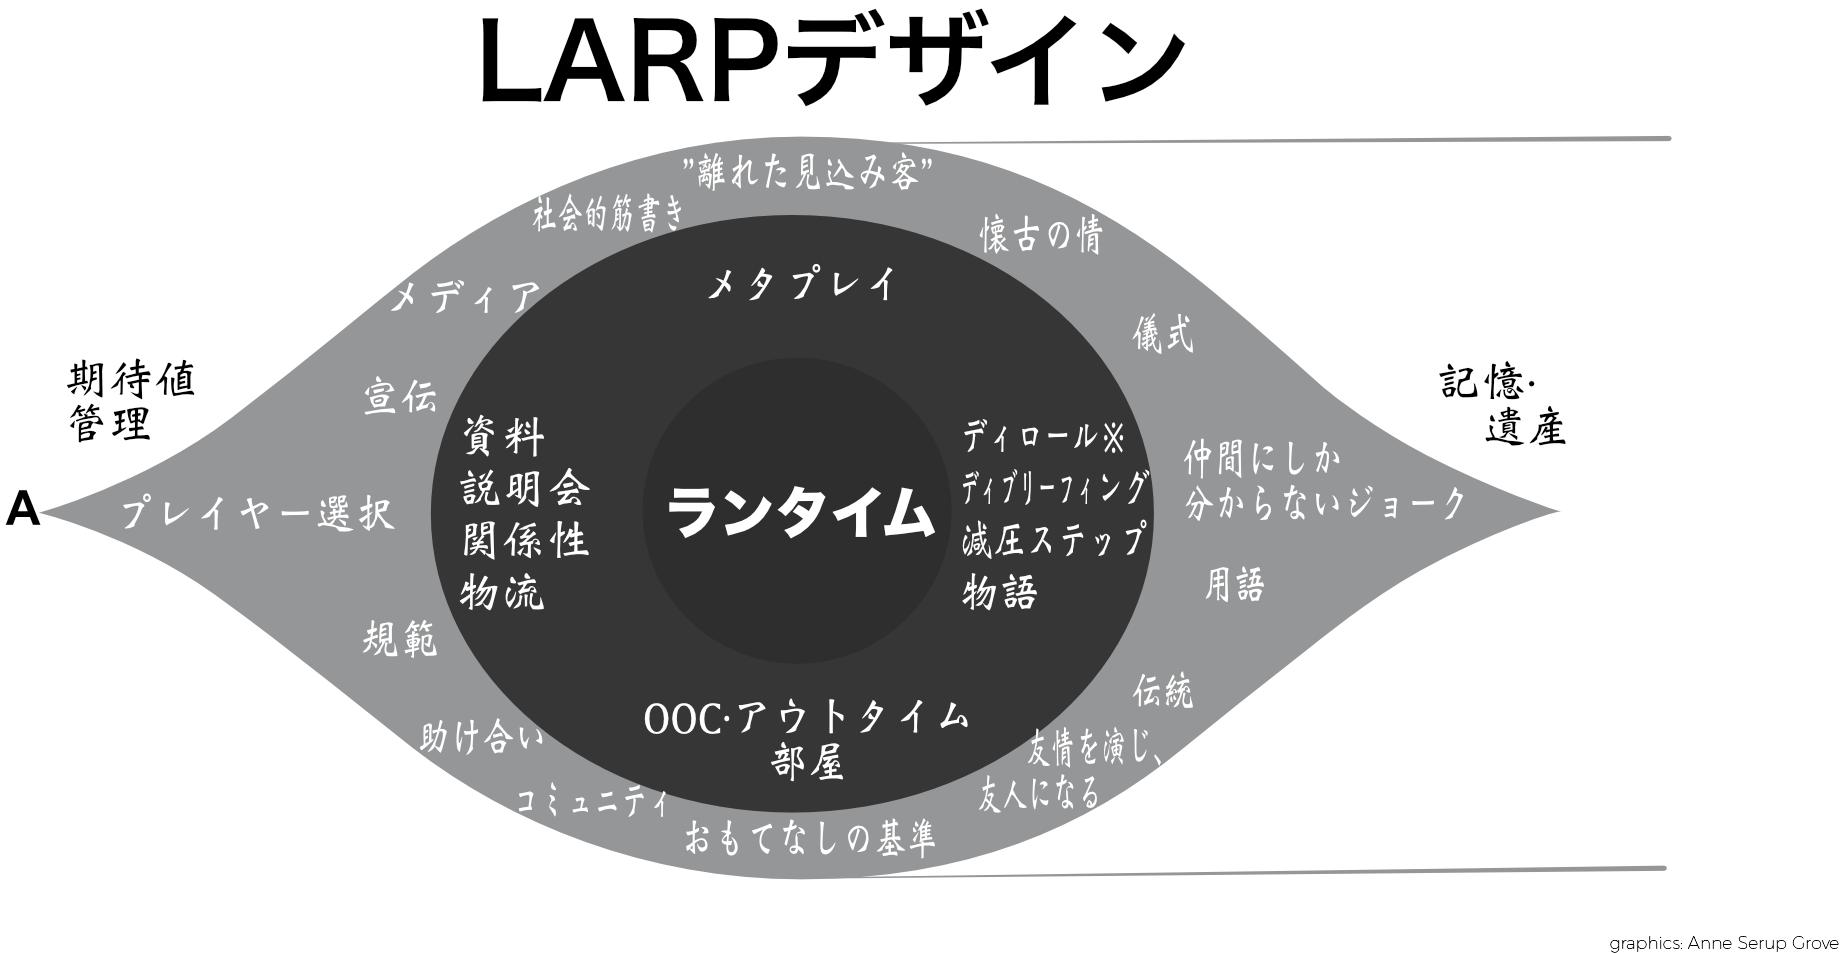 図 1: LARPデザインのタイムライン.